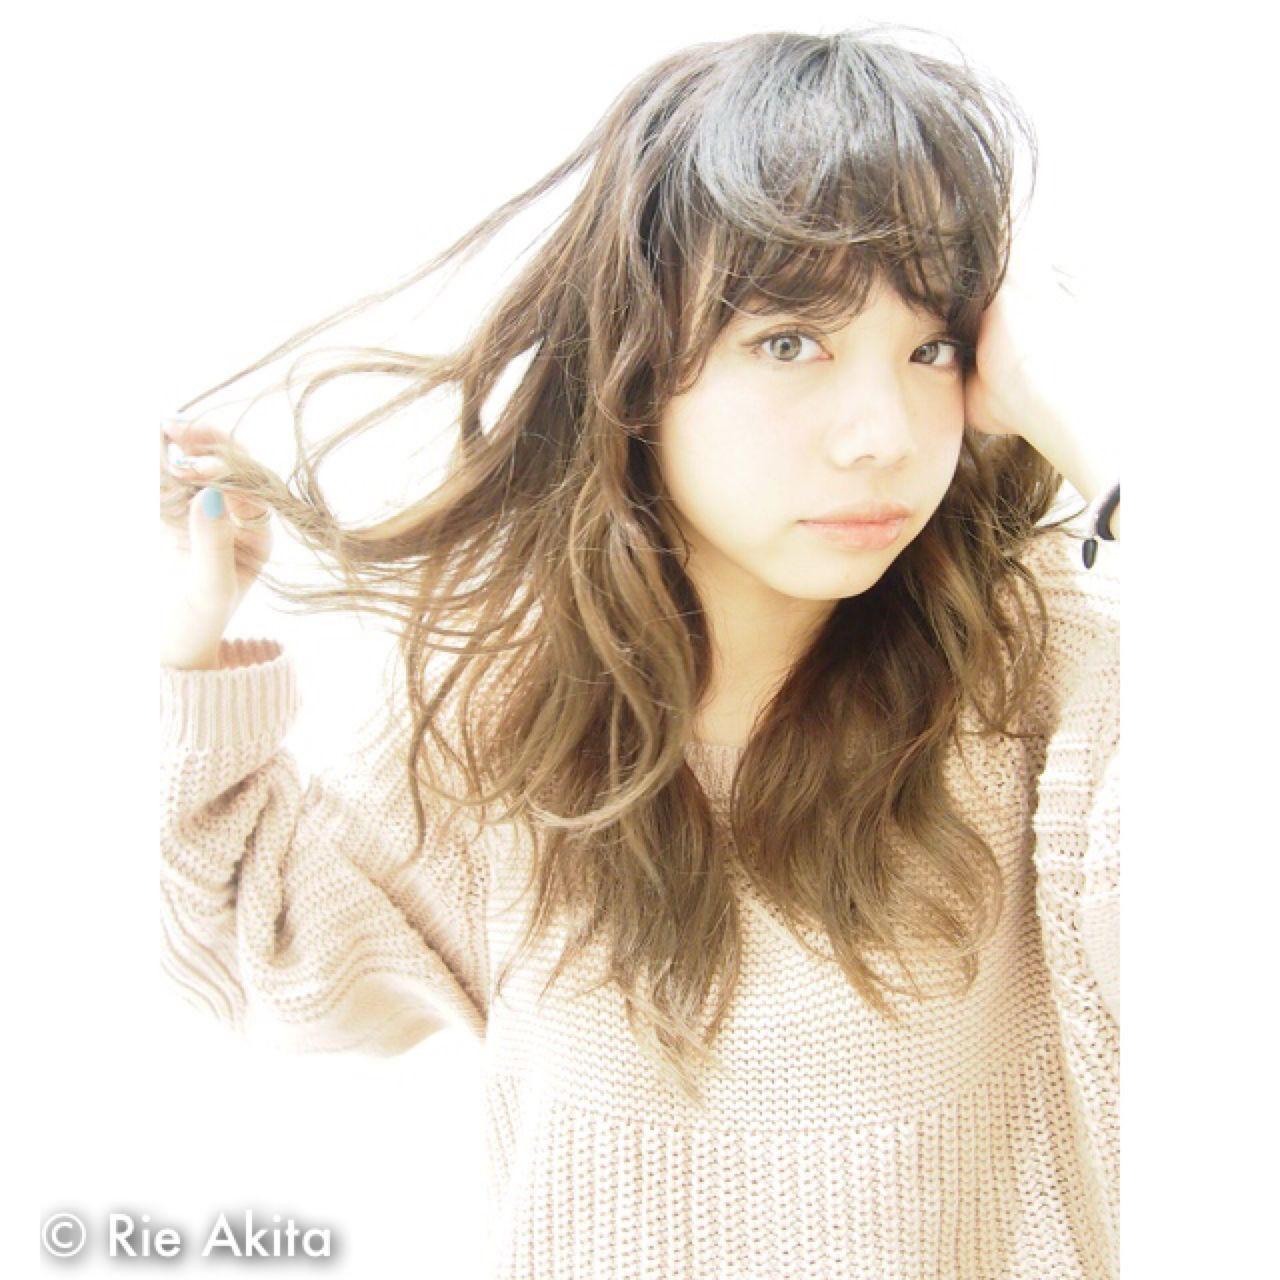 明るめロングヘア×レイヤーで軽やかに Rie Akita | LOAVE omotesando